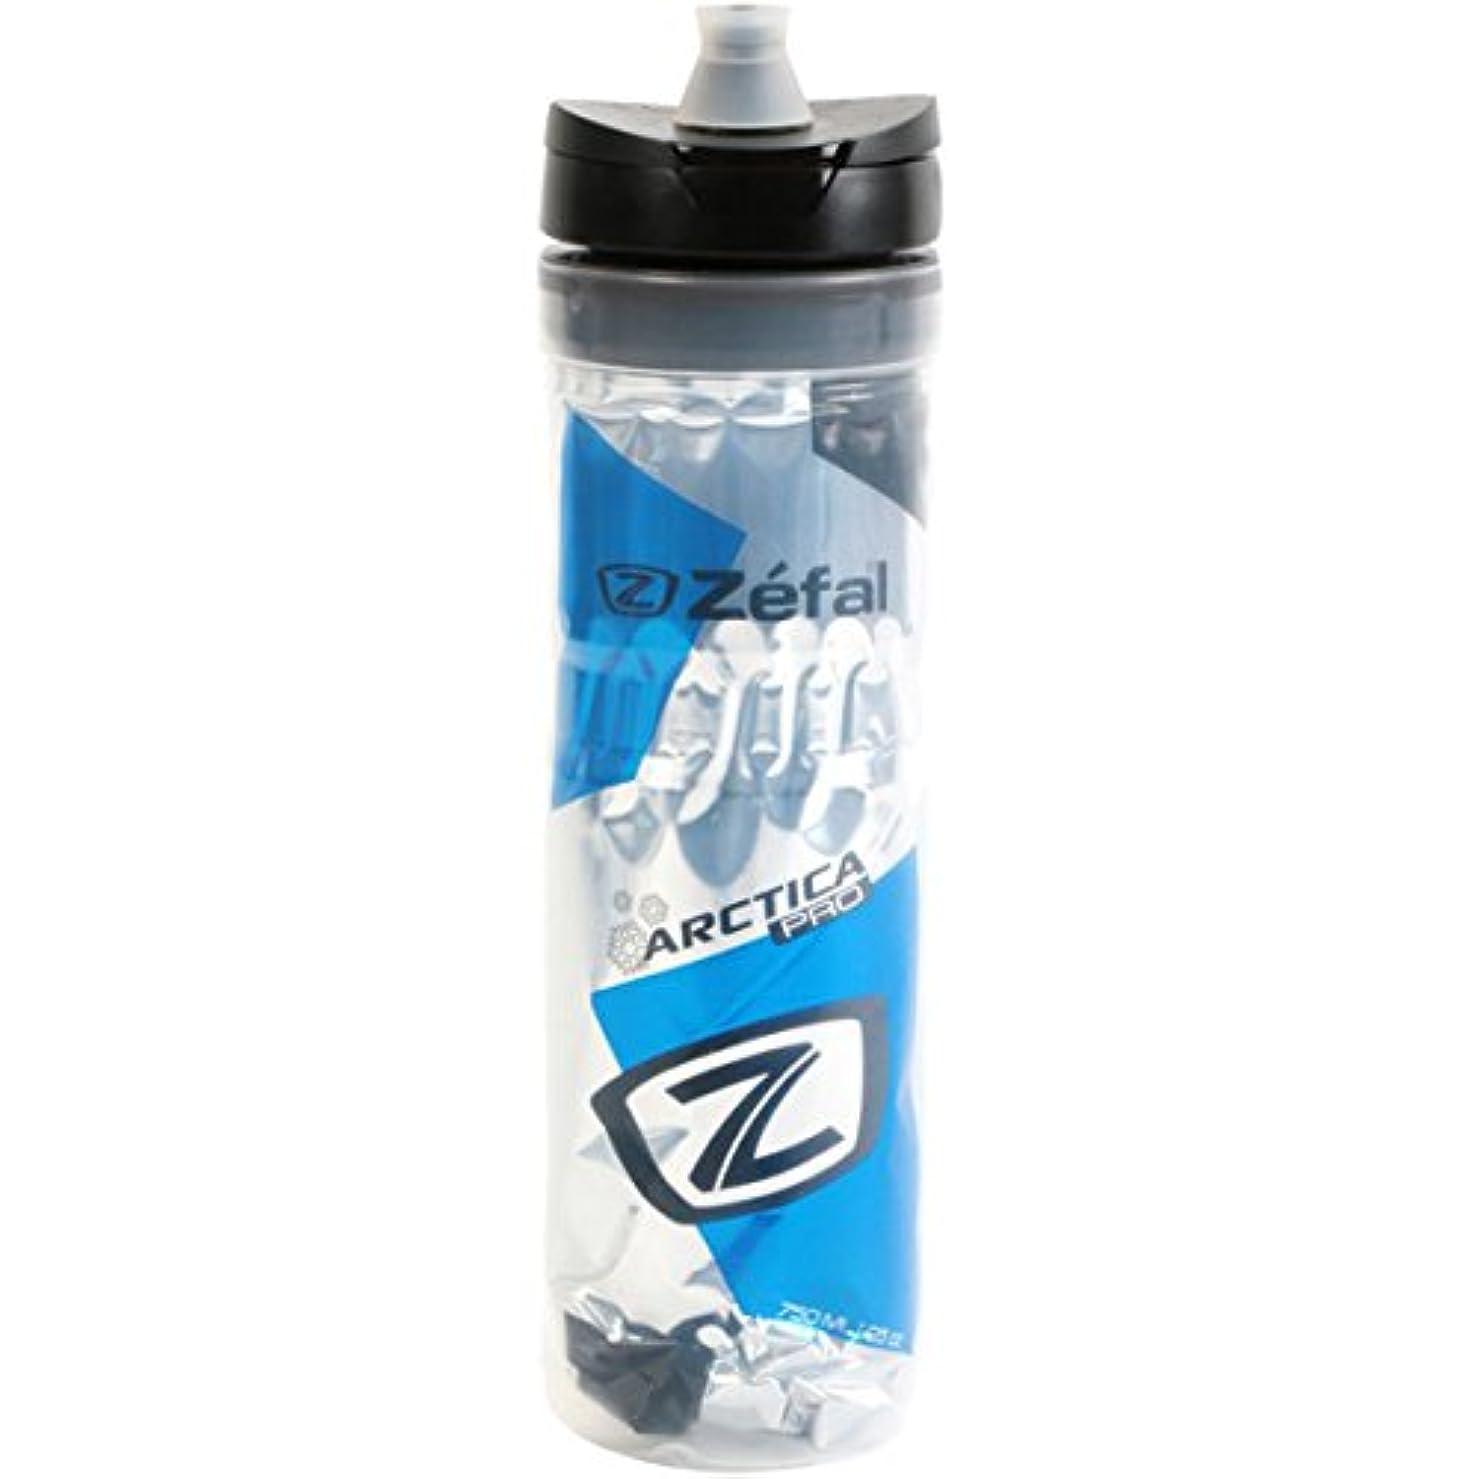 評価可能数字記事Zefal(ゼファール) ウォーターボトル 保冷 アークティカ プロ 75 [Arctica Pro 75] ブルー 750ml 耐熱80℃ 1653B